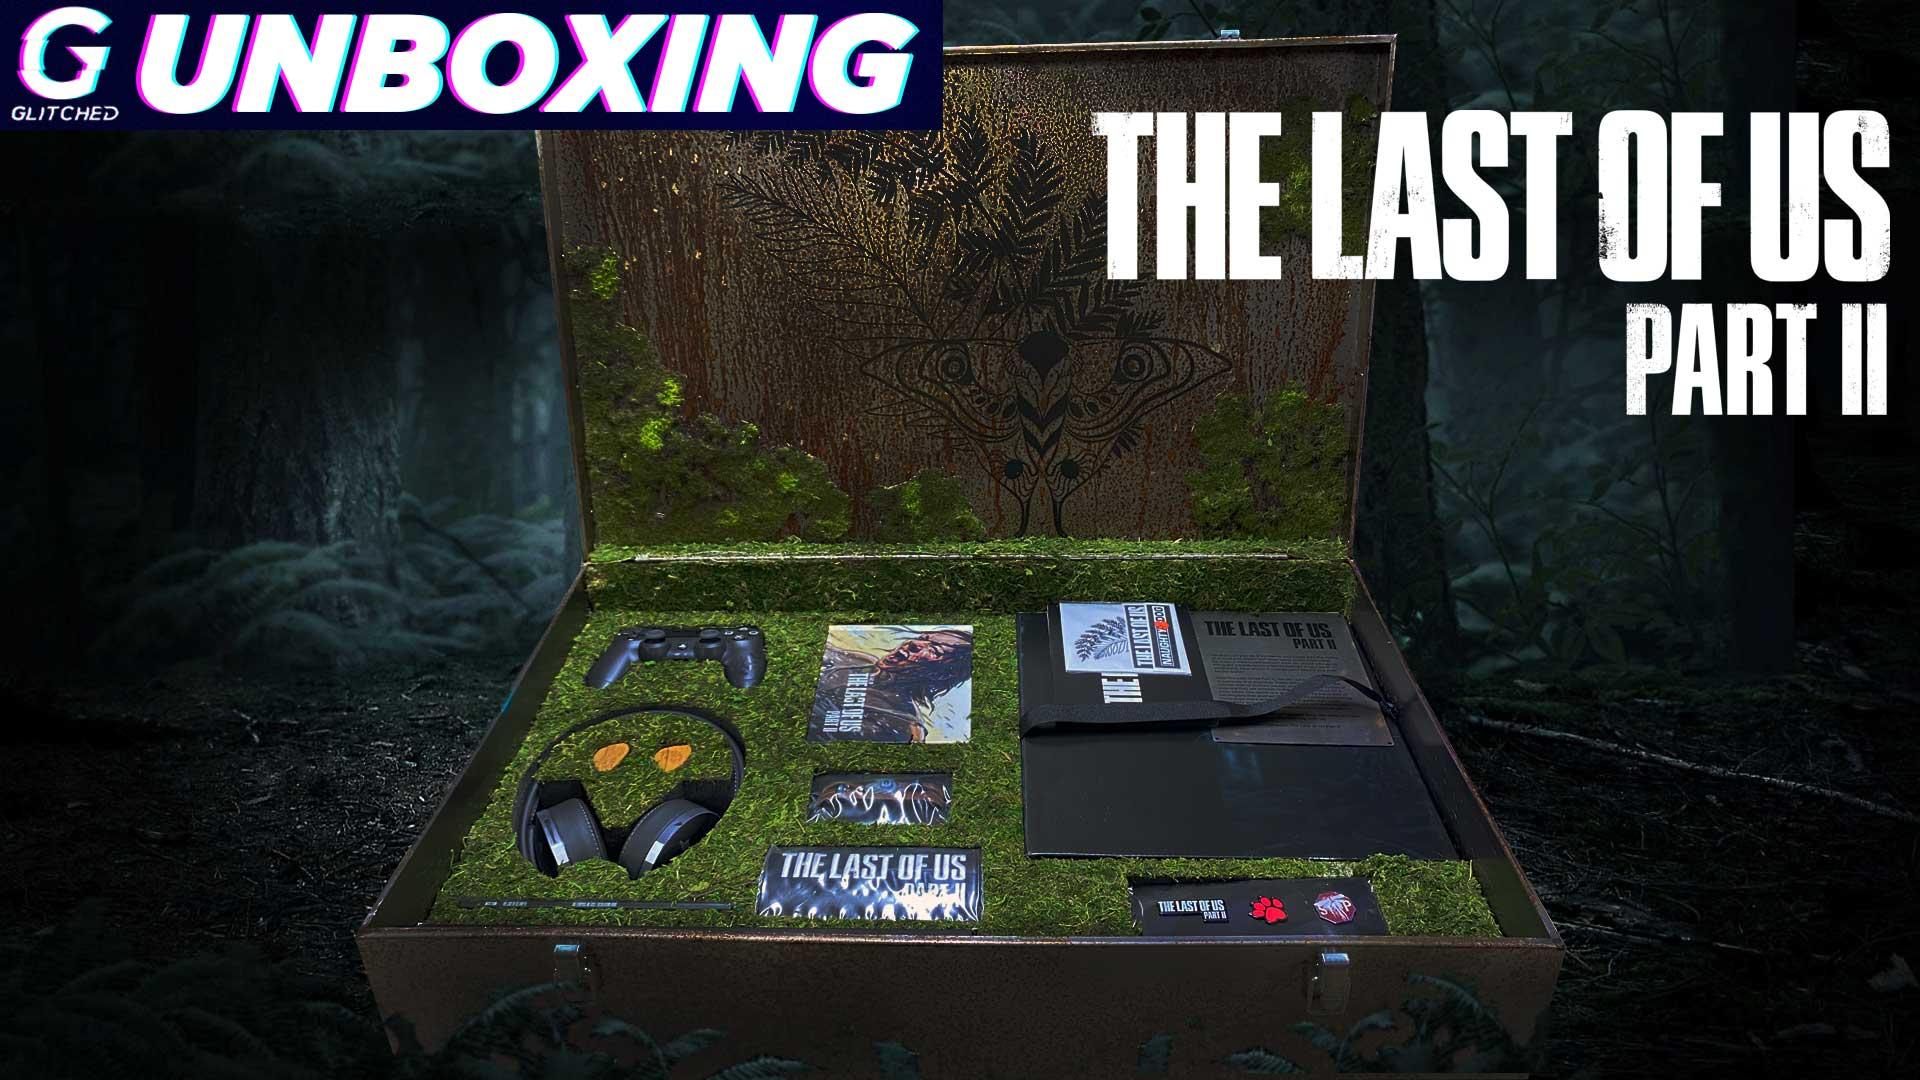 The Last of Us Part II Media Kit